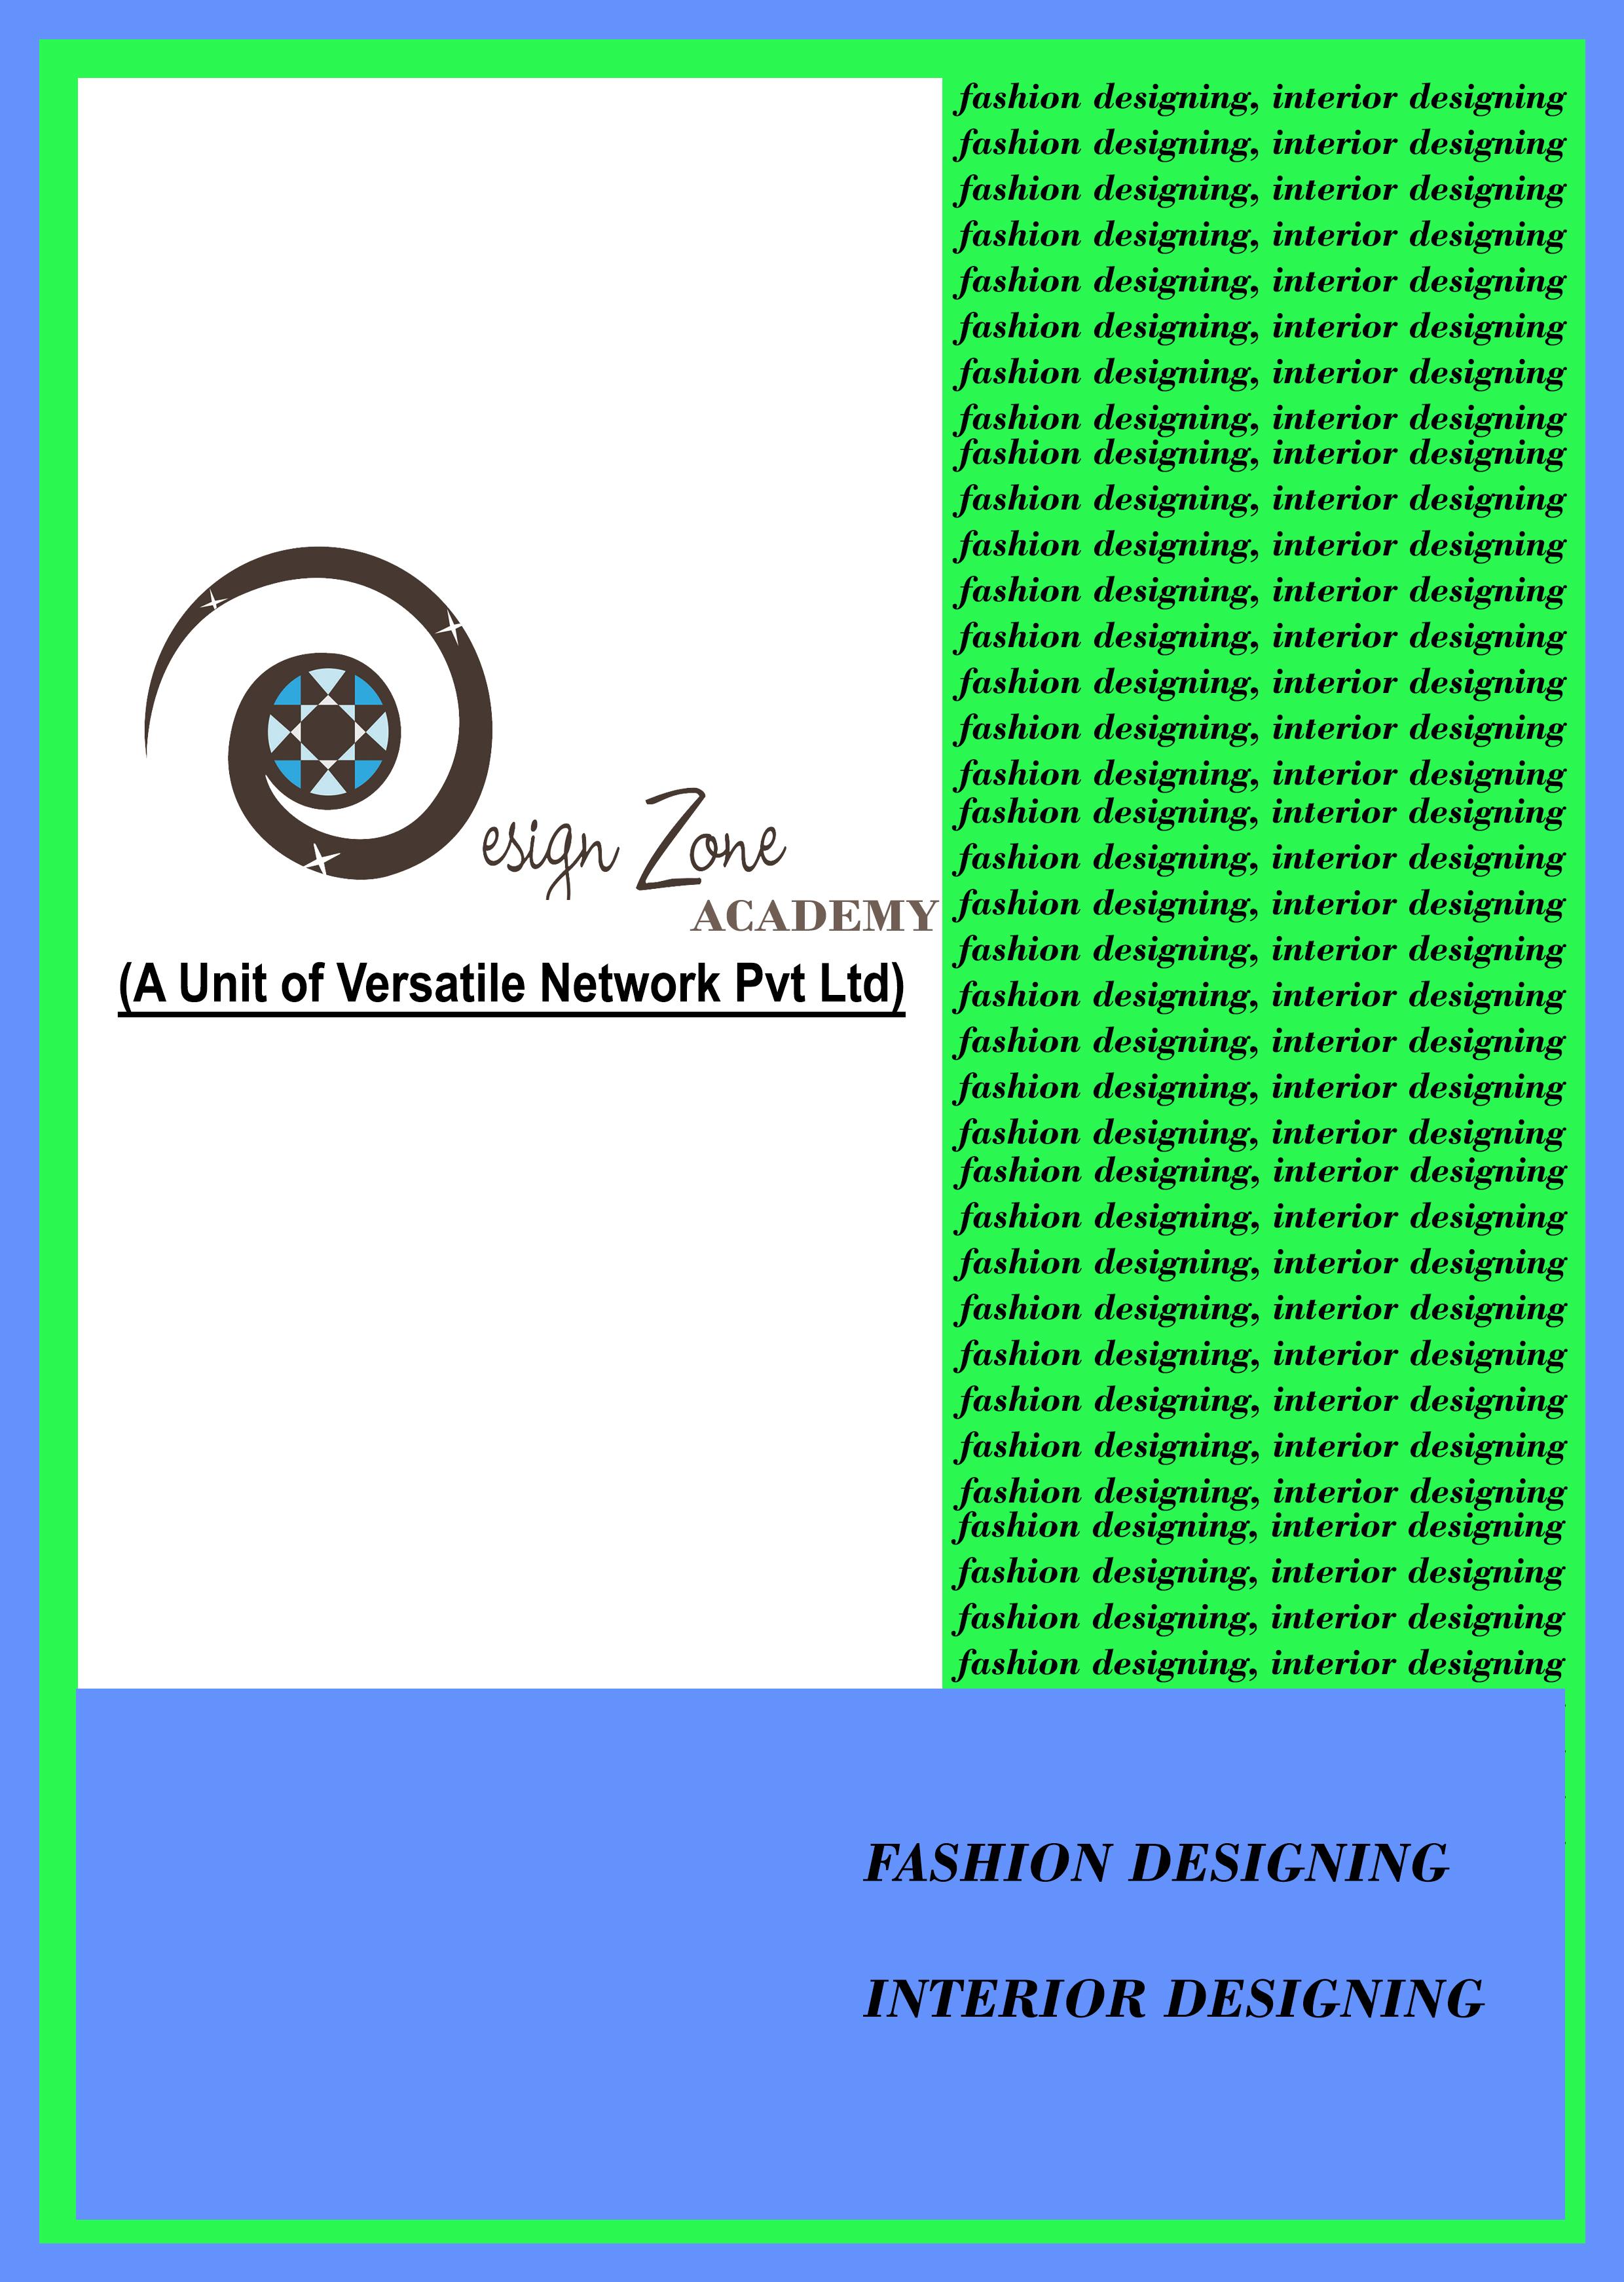 Design Zone In South Extension Part I Delhi 110049 Sulekha Delhi